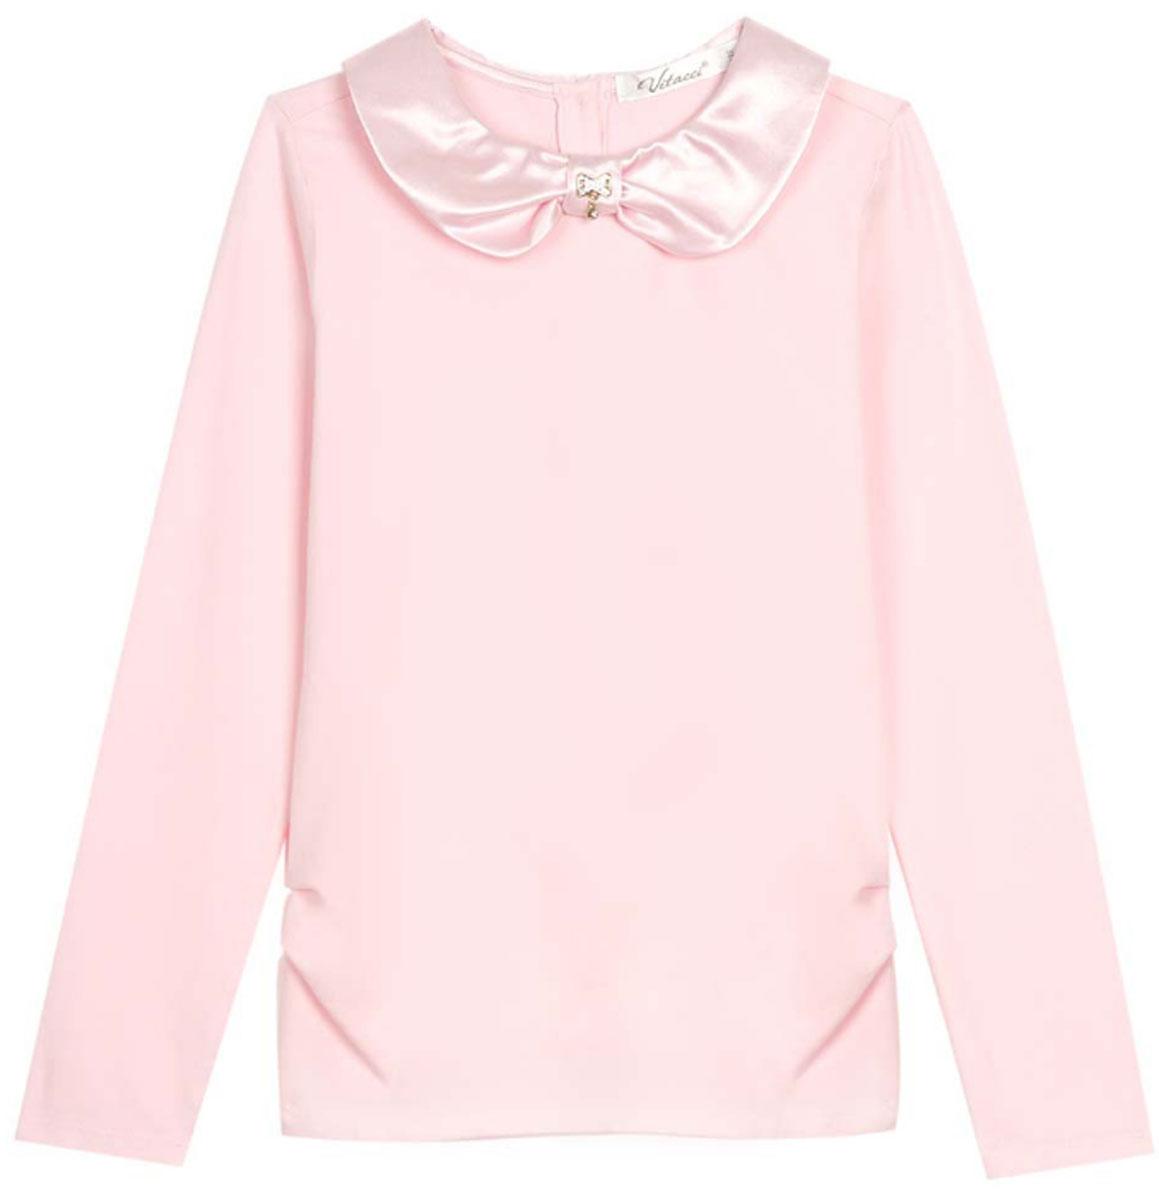 Джемпер для девочек Vitacci, цвет: розовый. 2173007-11. Размер 1222173007-11Школьная блузка для девочки из трикотажа